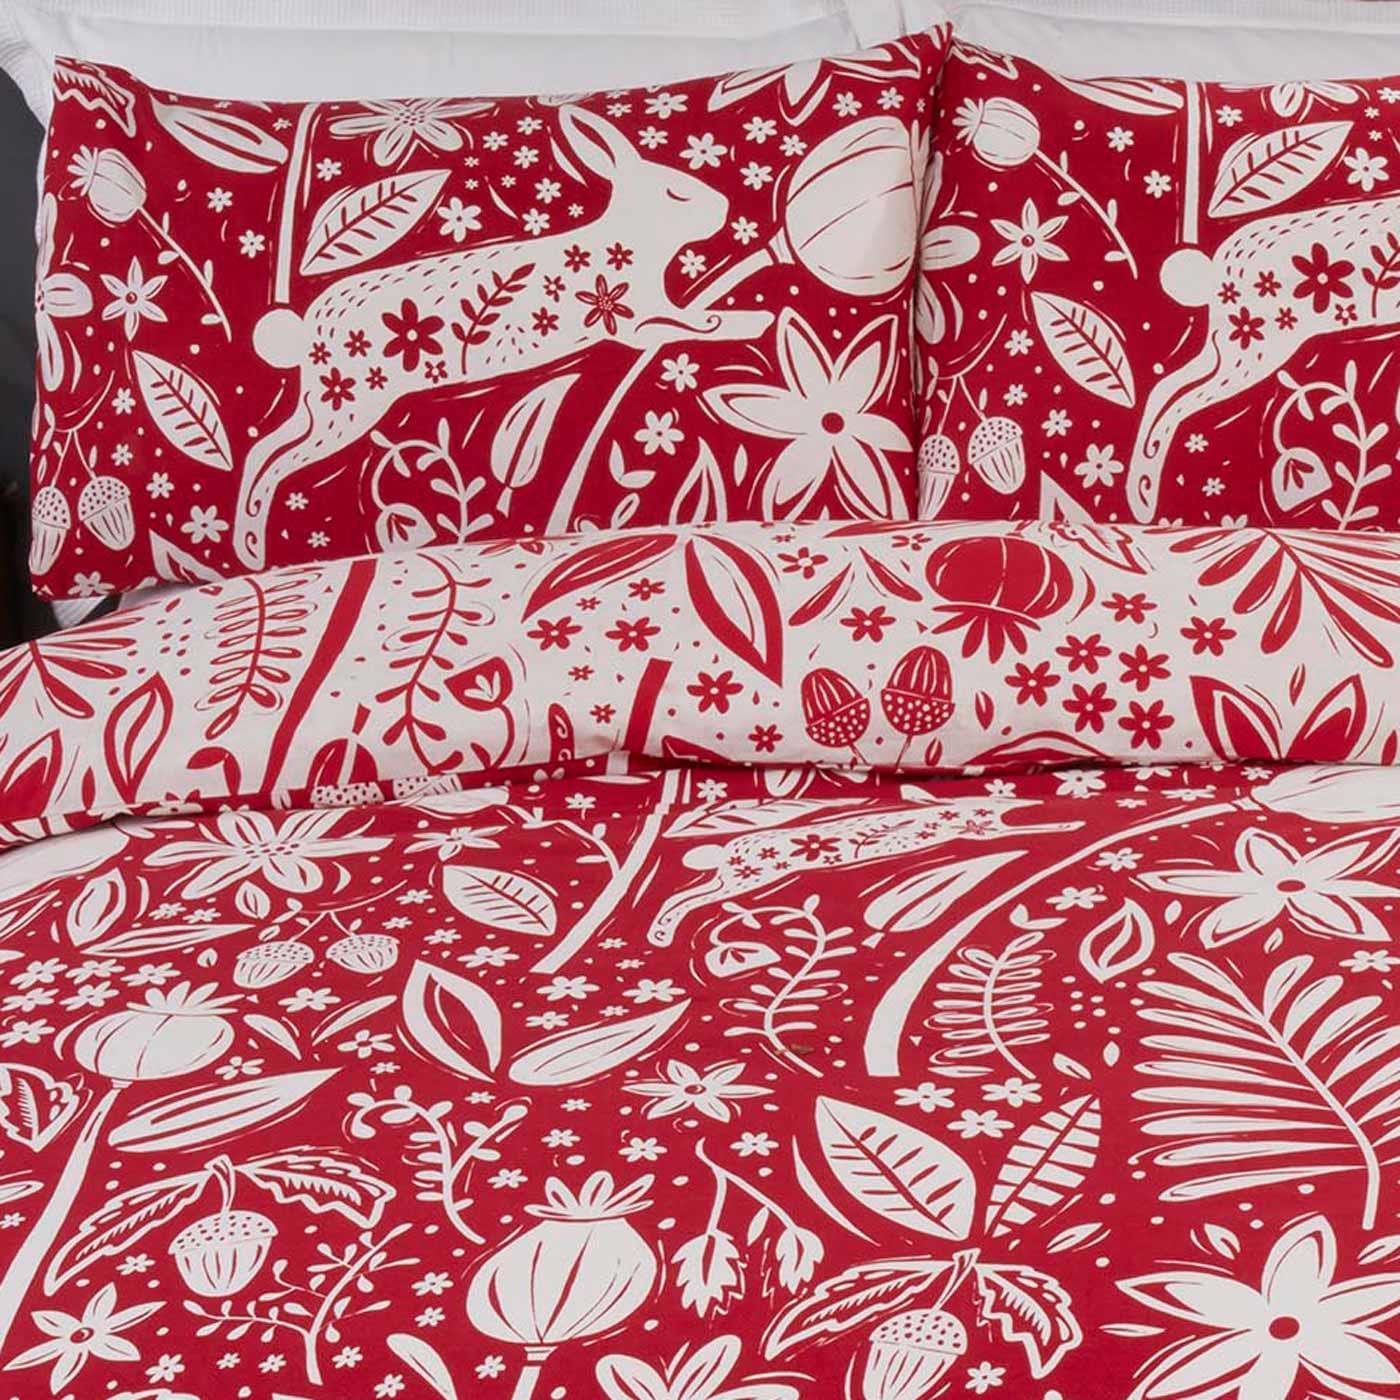 Rouge Housses De Couette Woodland Animaux Nordic lapin forêt avec Housse de couette Ensembles De Literie